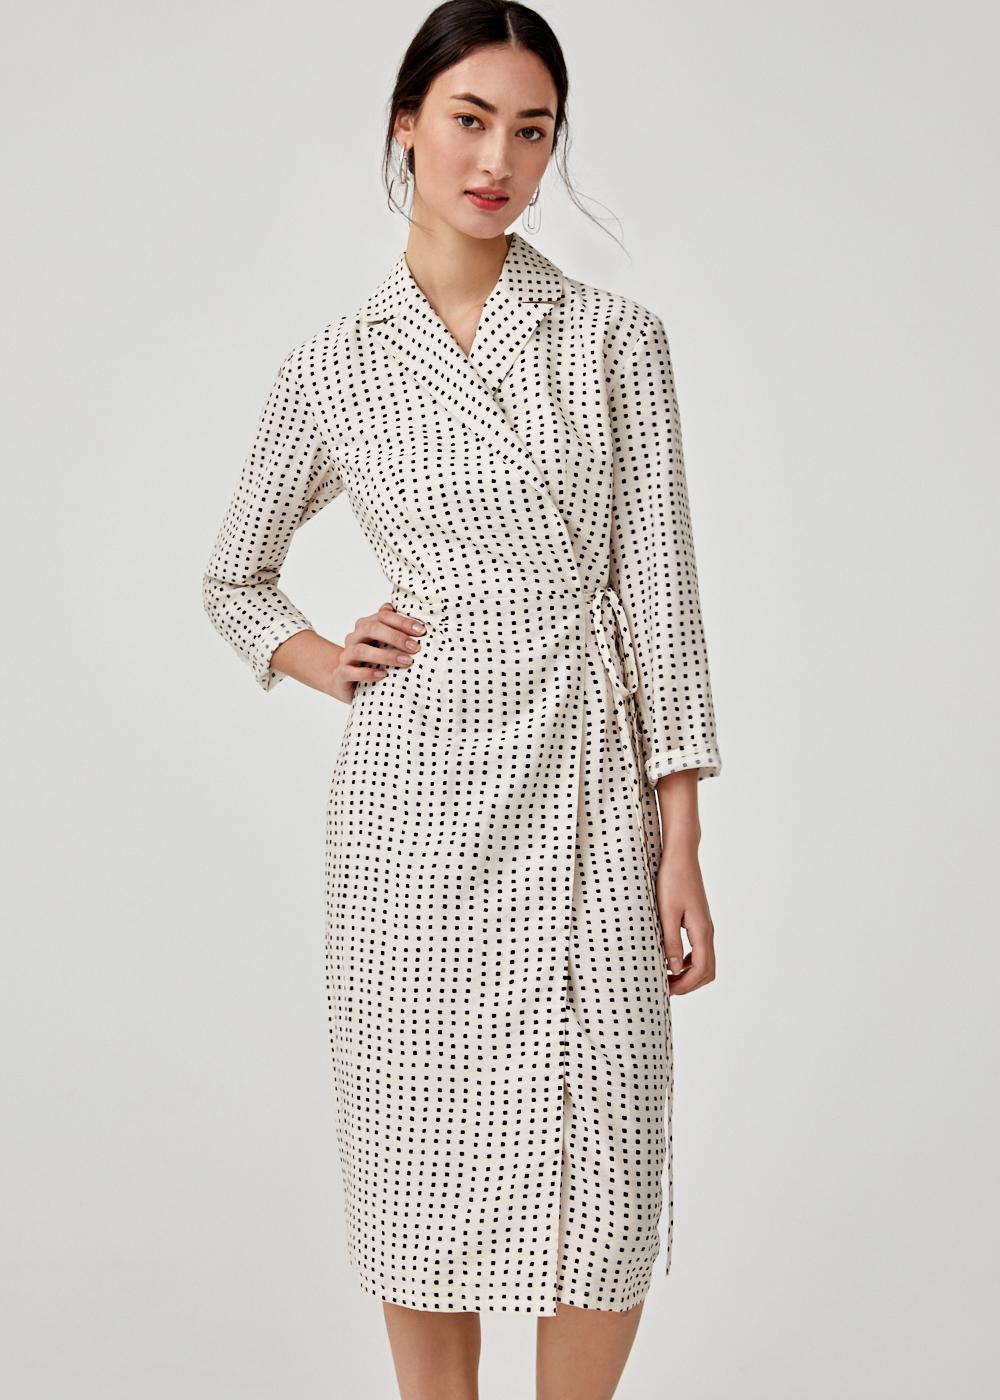 Elaine Tuxedo Wrap Dress